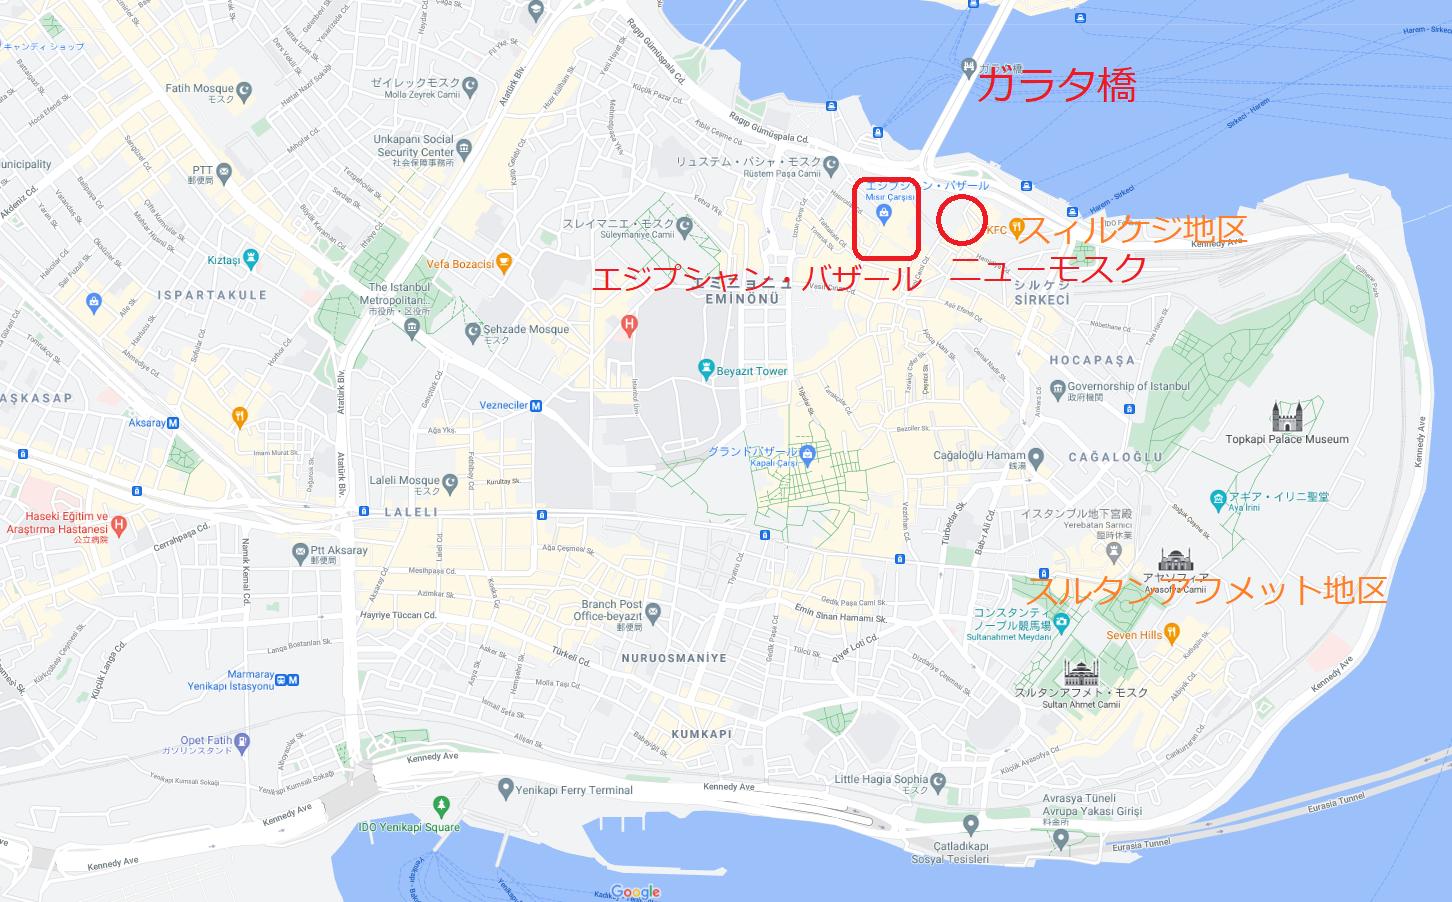 スィルケジ地区(シルケジ地区)地図